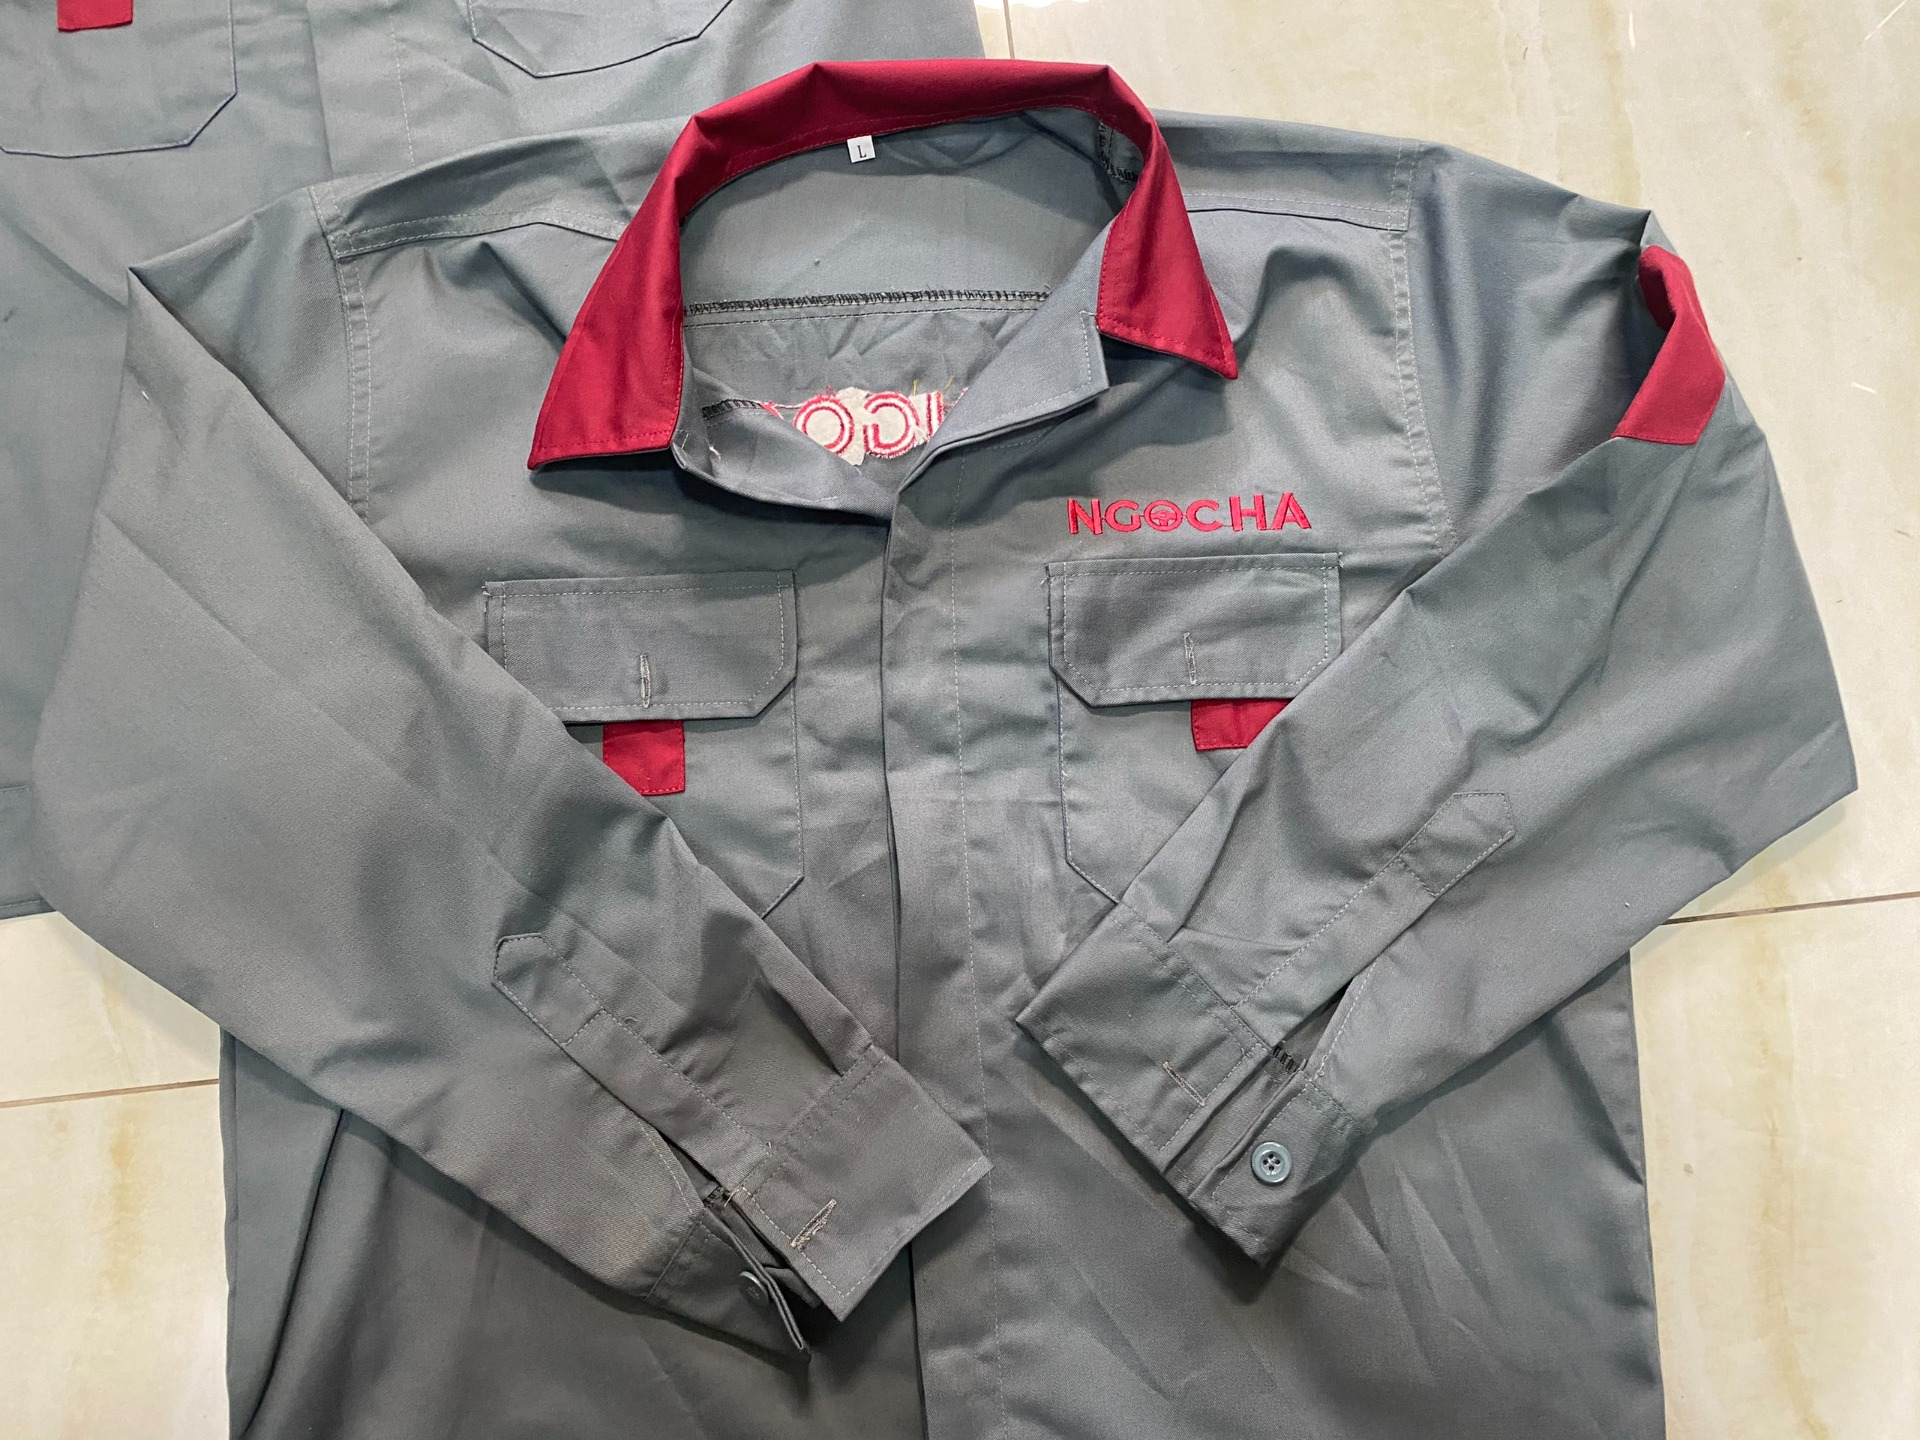 Cung cấp đồng phục xe đạp, áo đồng phục xe